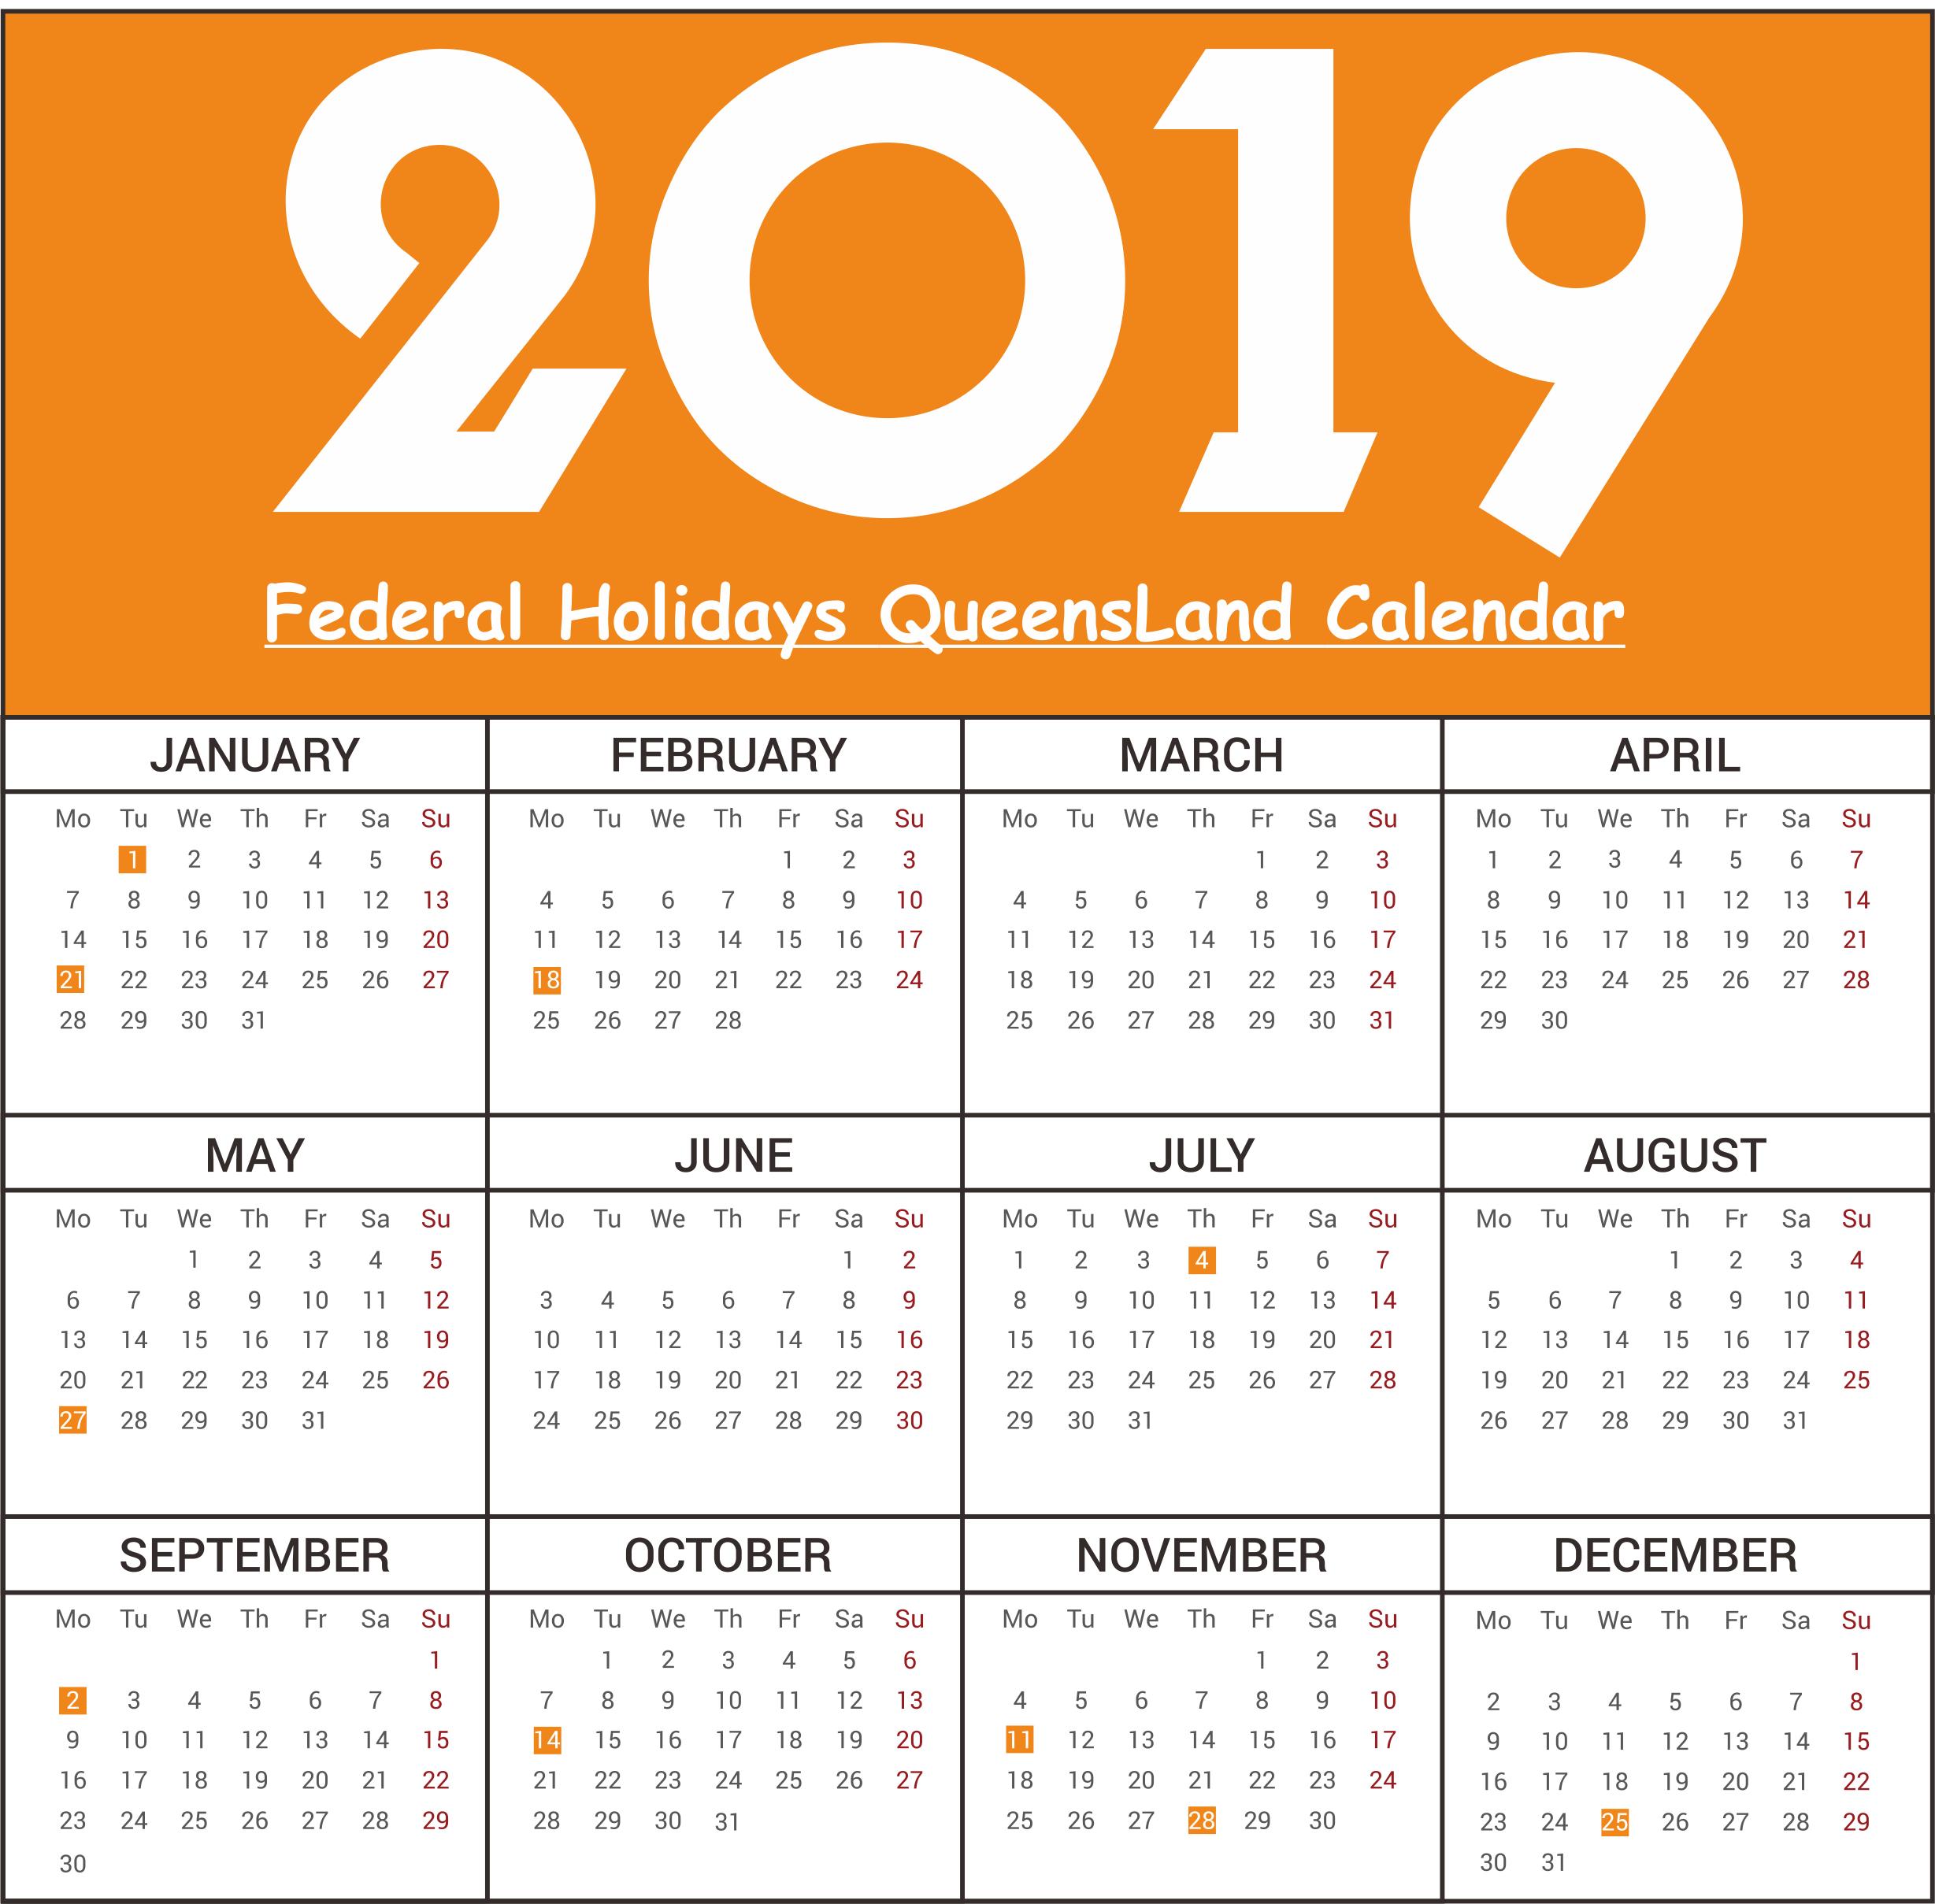 Free QLD Federal Holidays Calendar 2019